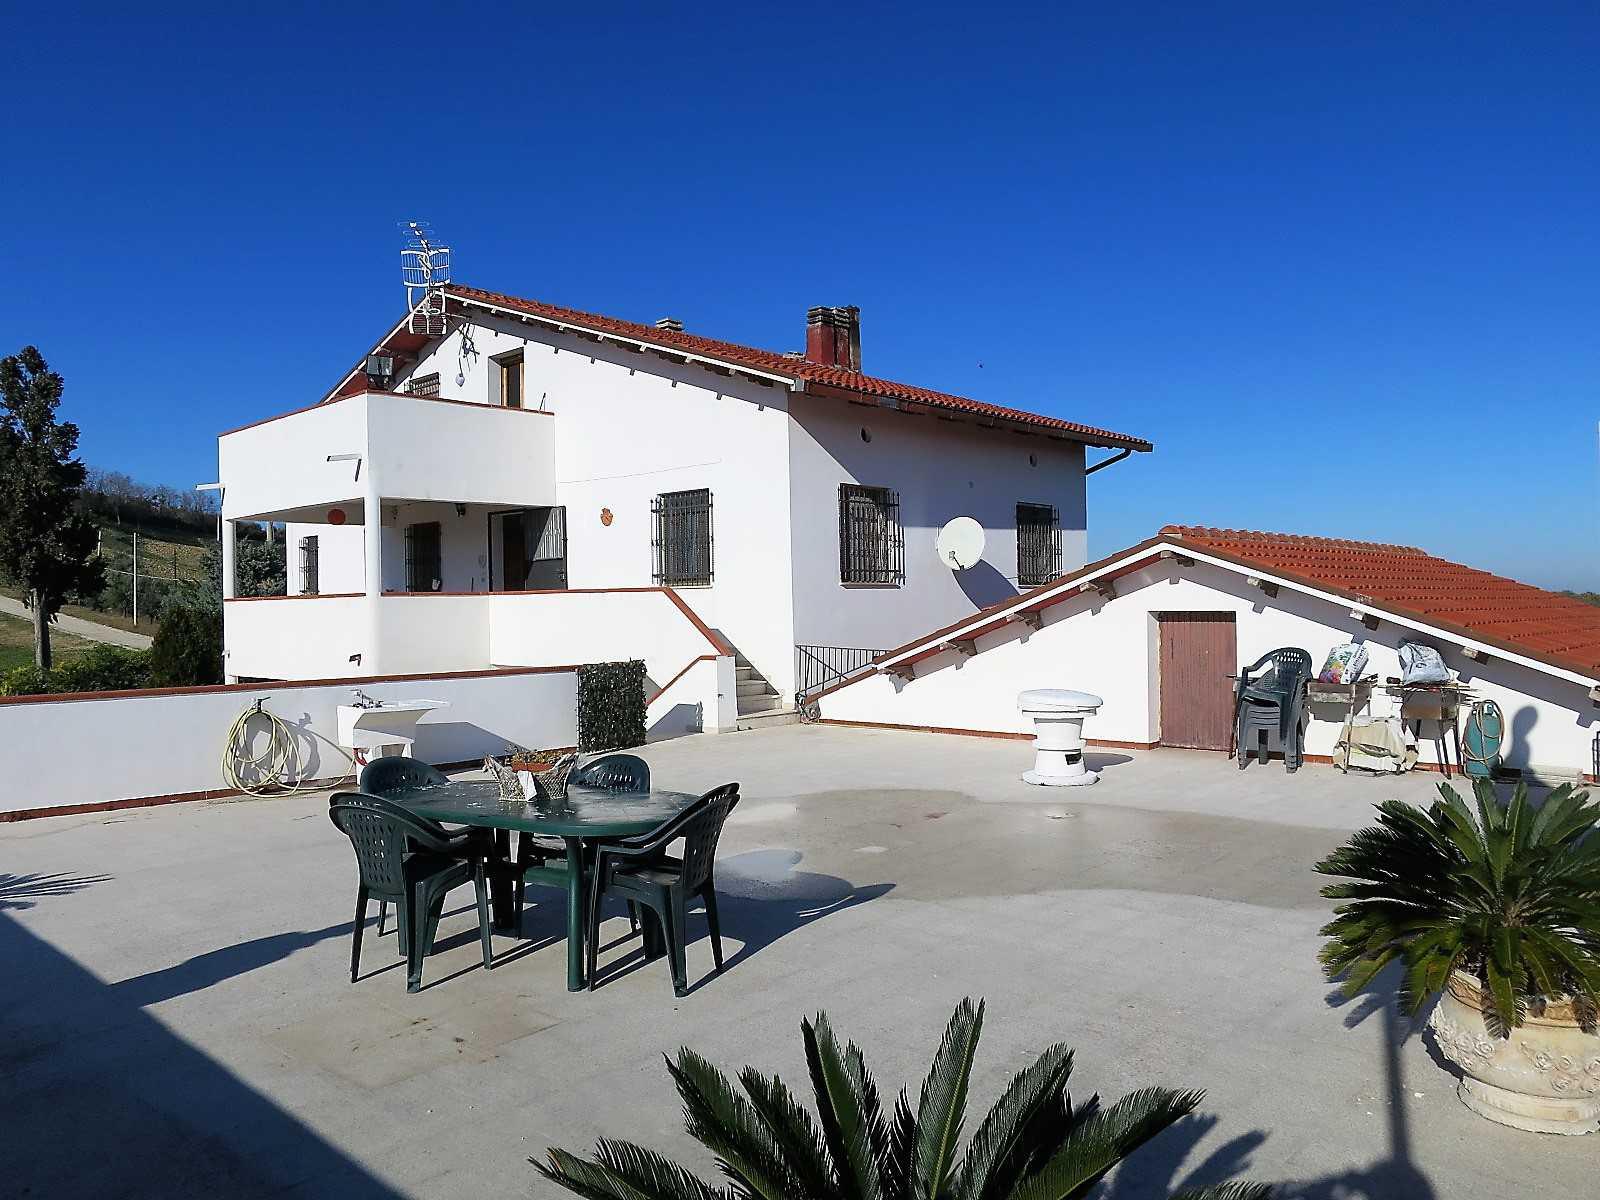 Villa Villa in vendita Notaresco (TE), Villa Vigneto - Notaresco - EUR 382.044 270